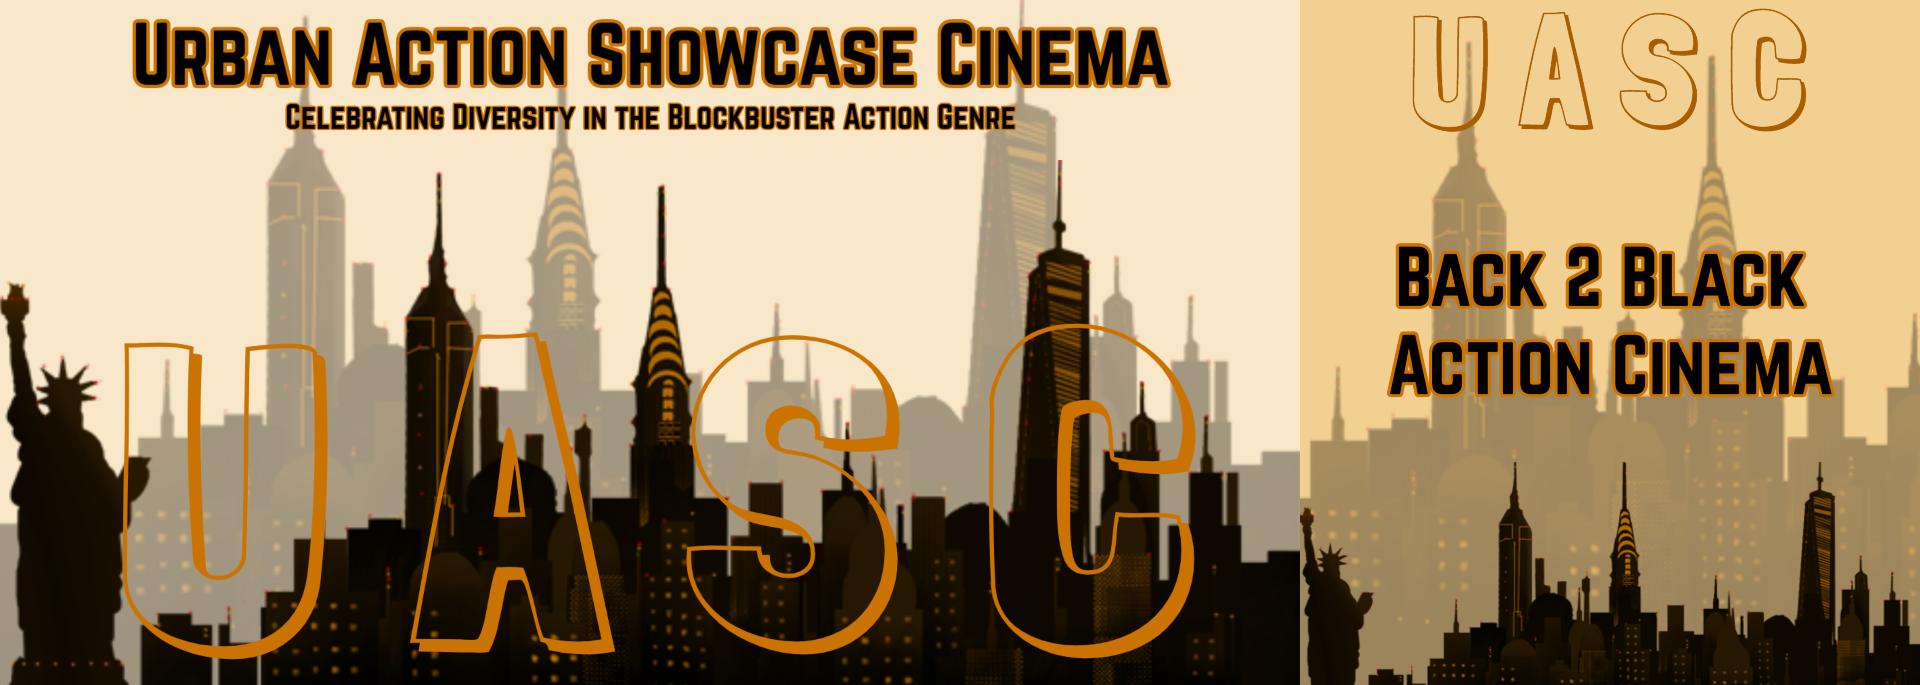 UASC: Back 2 Black Action Cinema